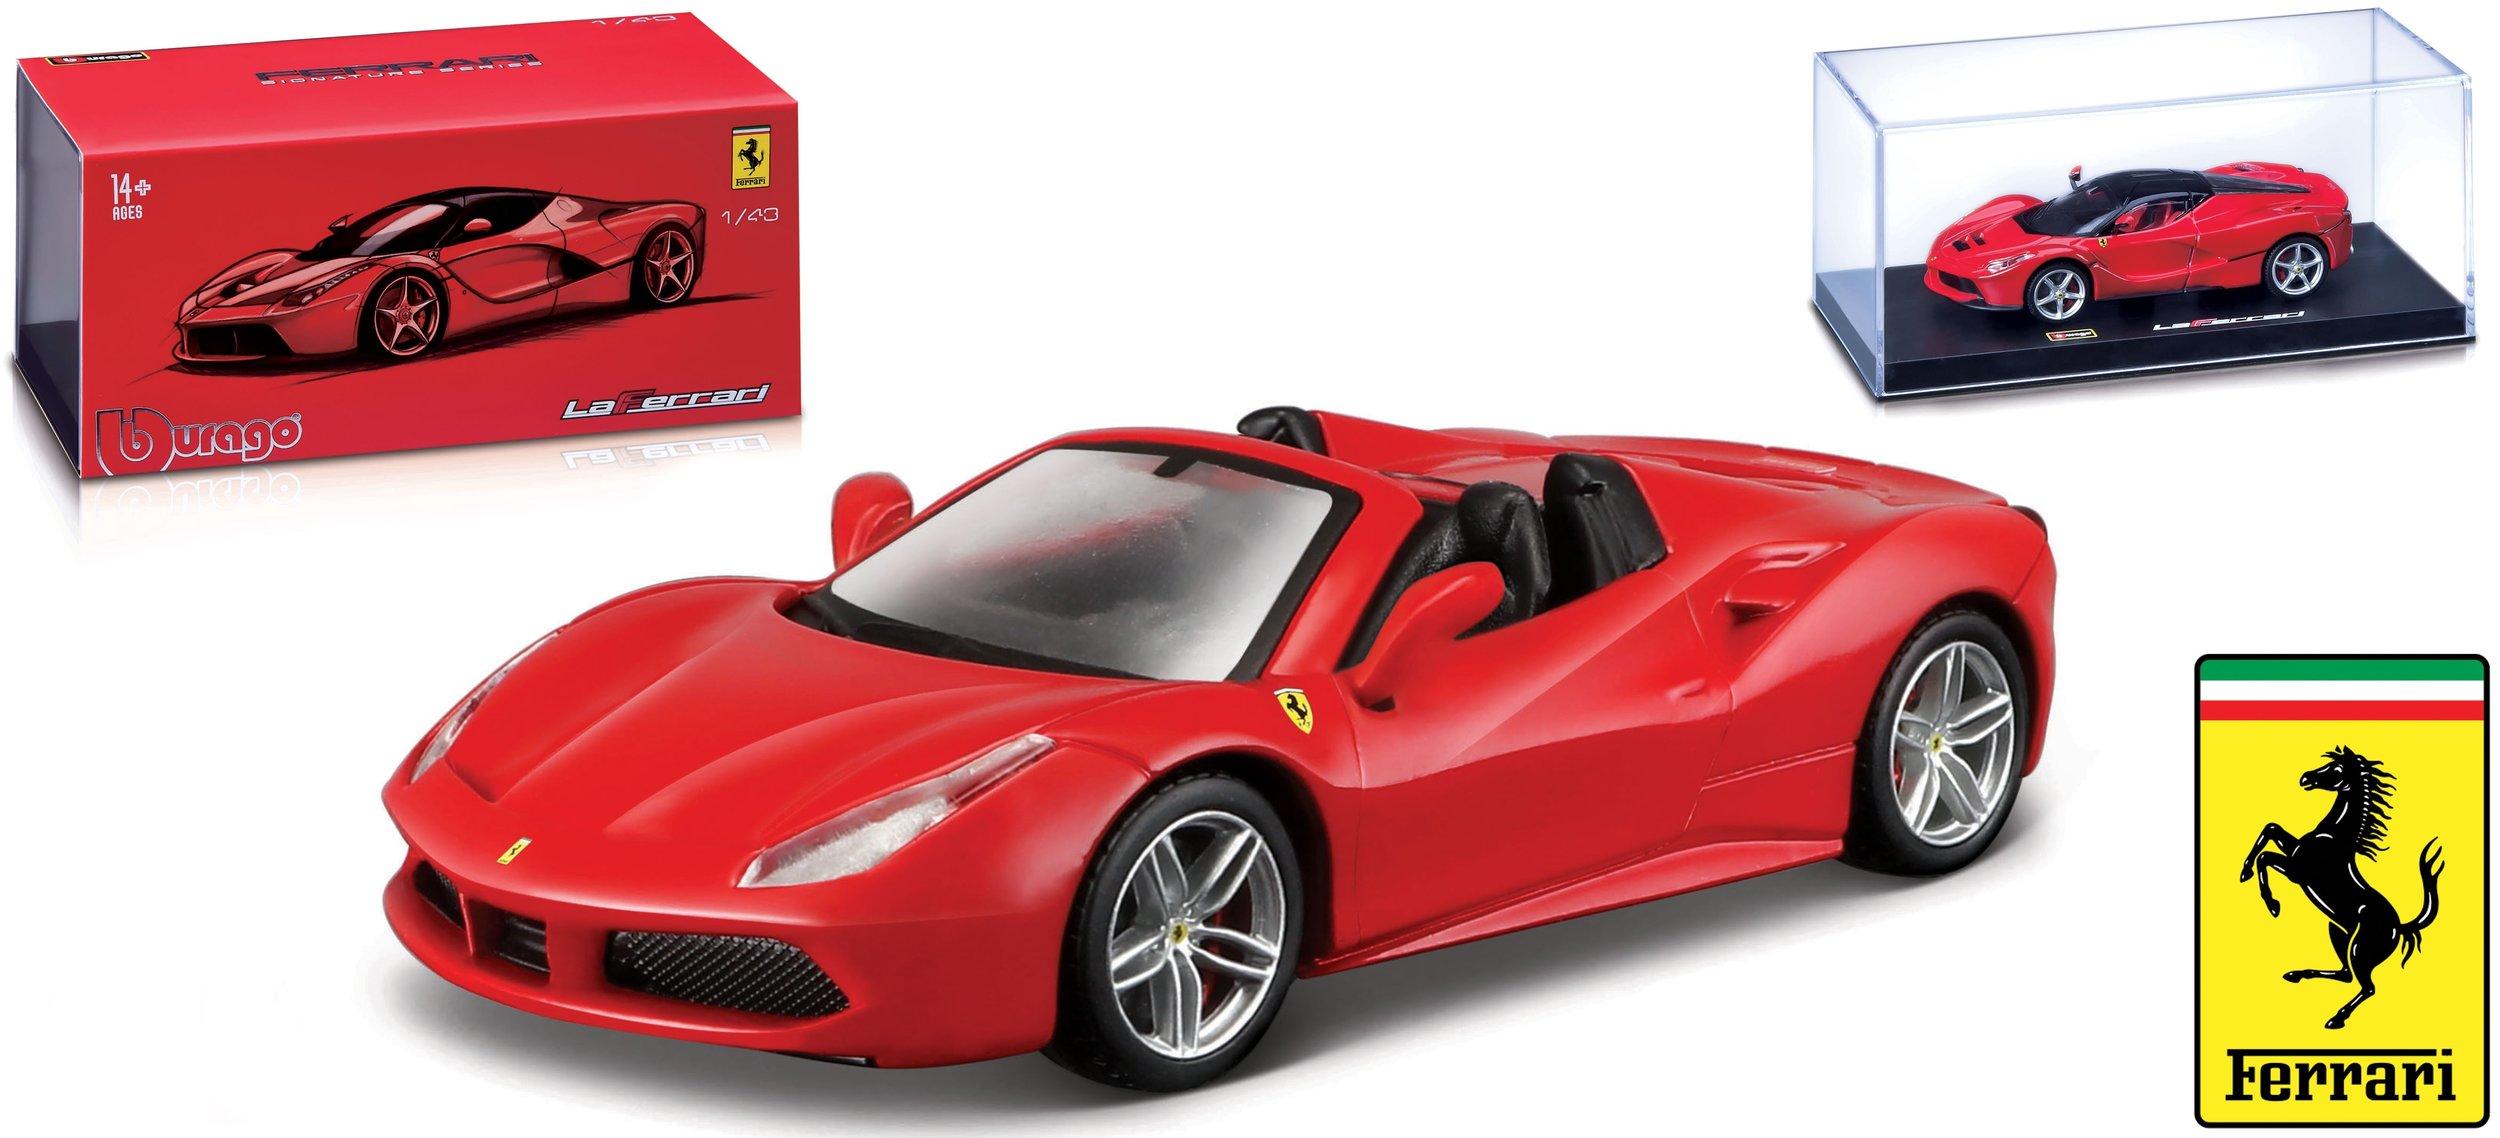 18-36905  Ferrari 488 Spider, Bburago